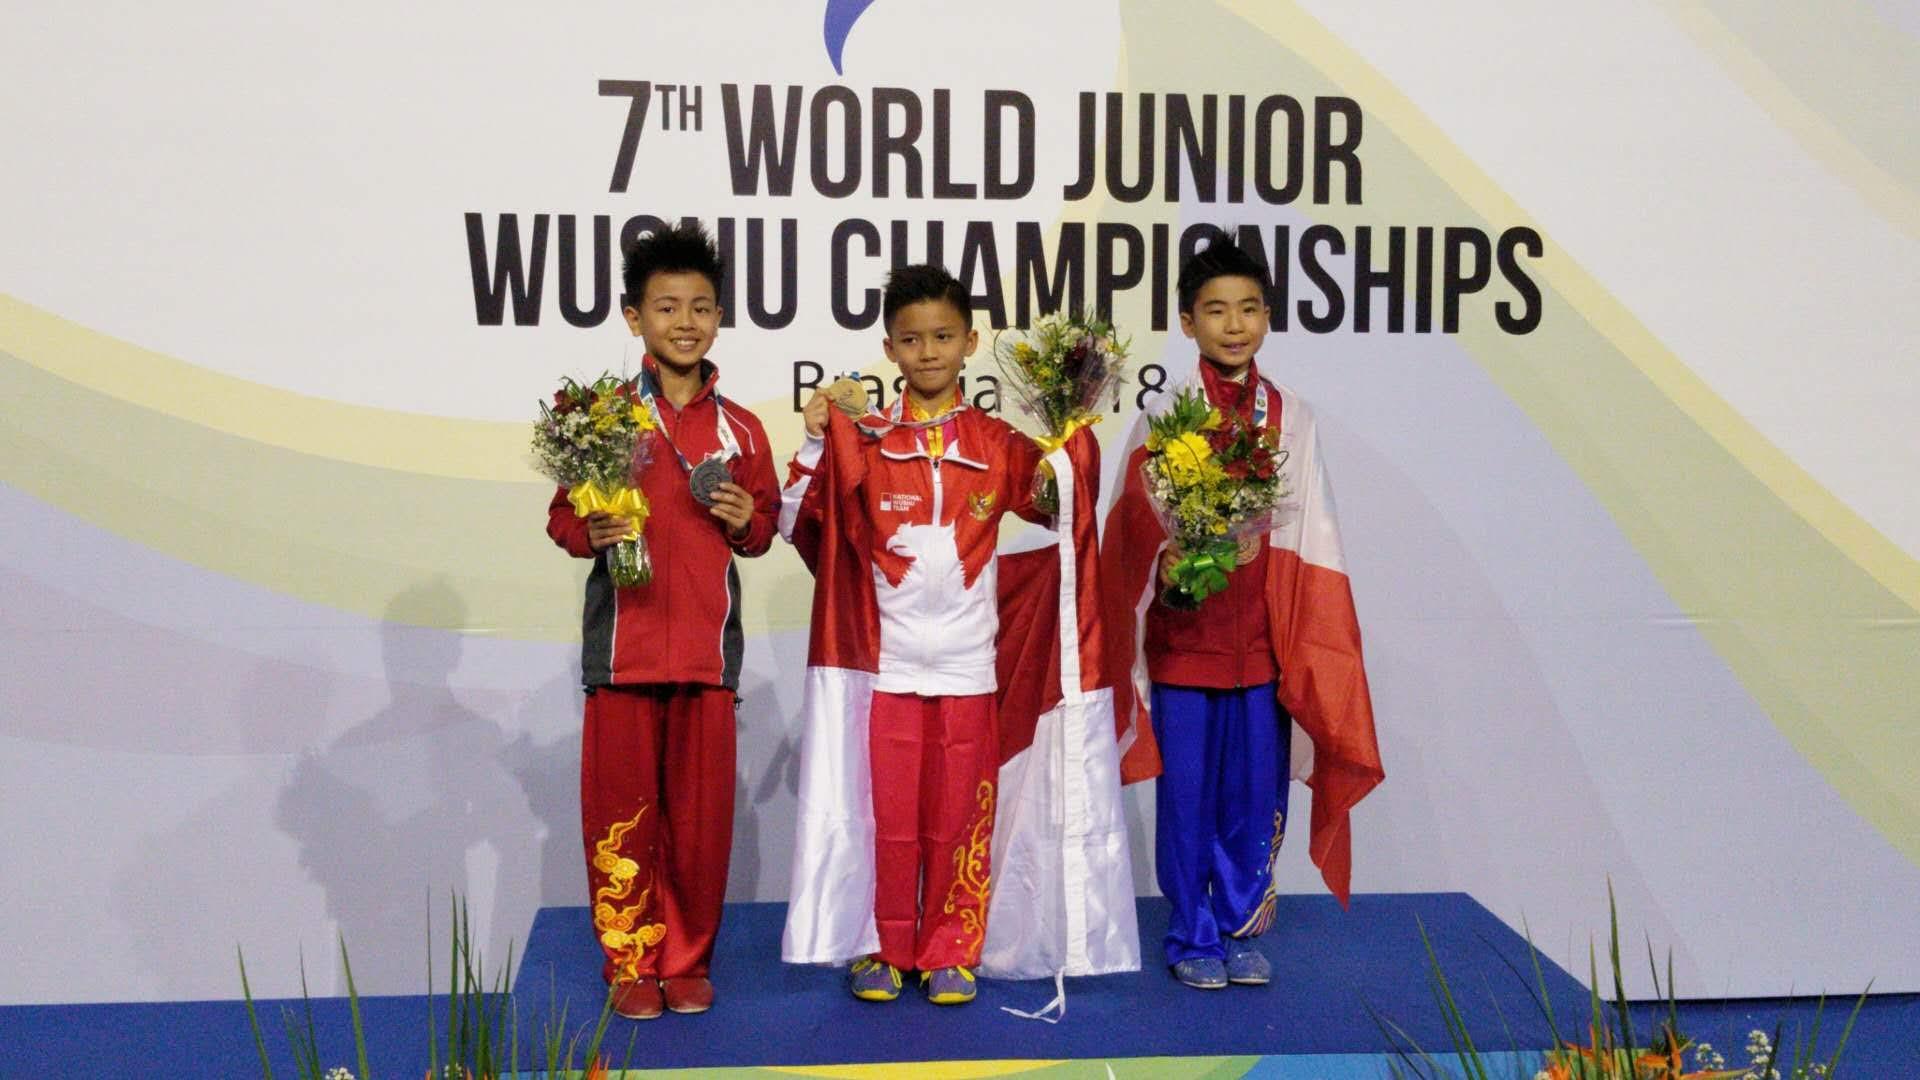 wayland-li-wushu-world-junior-wushu-brazil-team-canada-2018-22.jpg